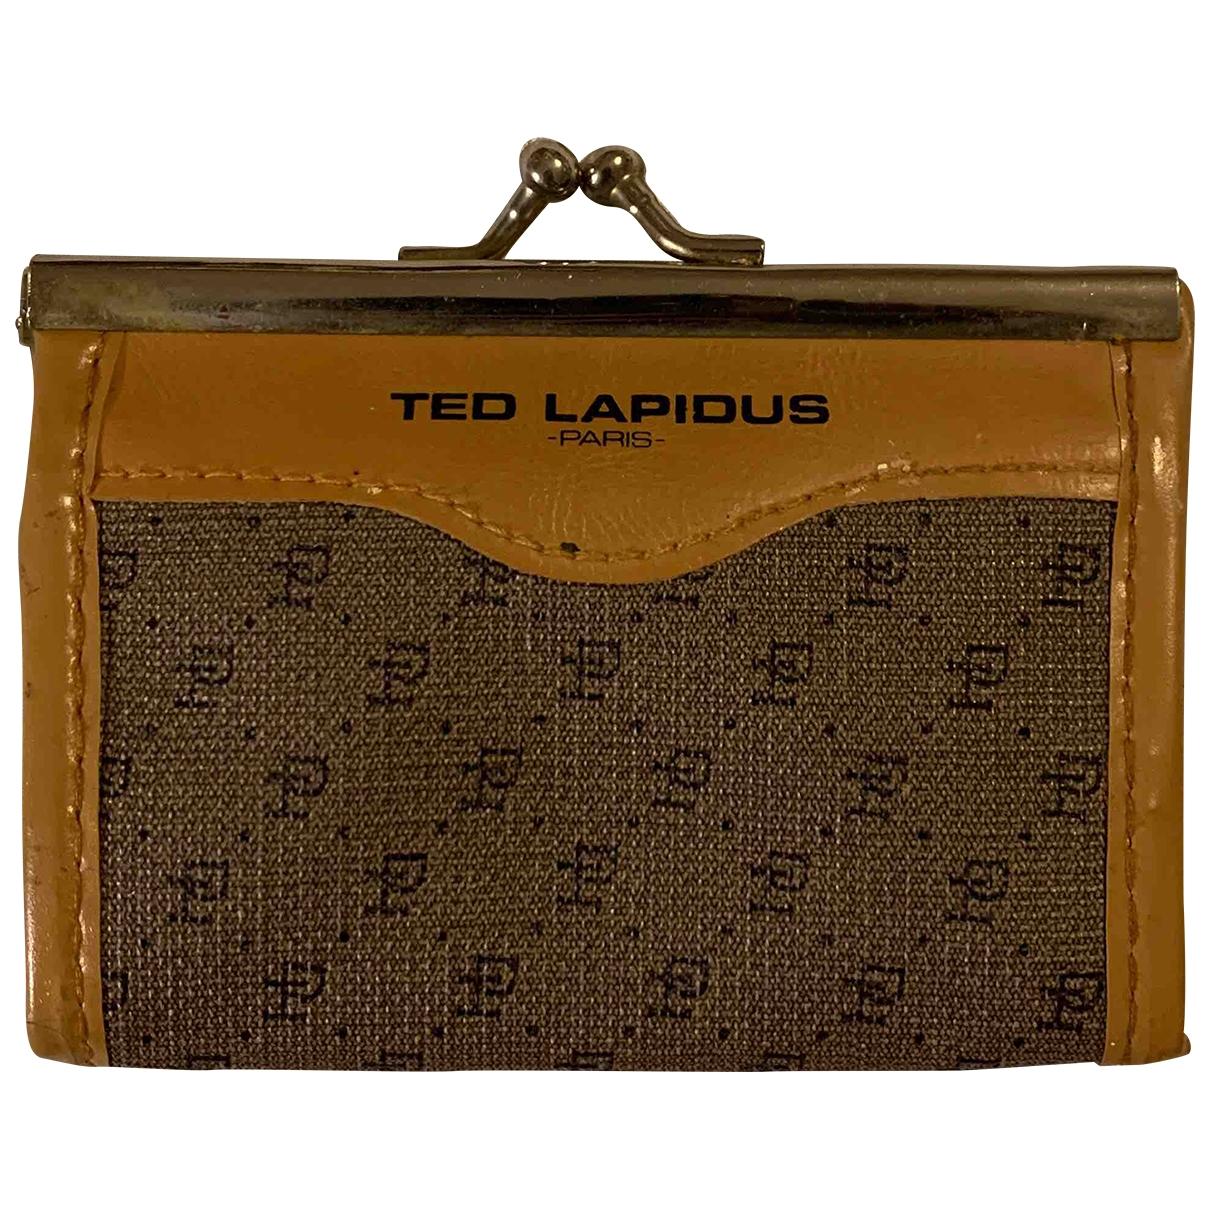 Ted Lapidus - Portefeuille   pour femme en autre - beige